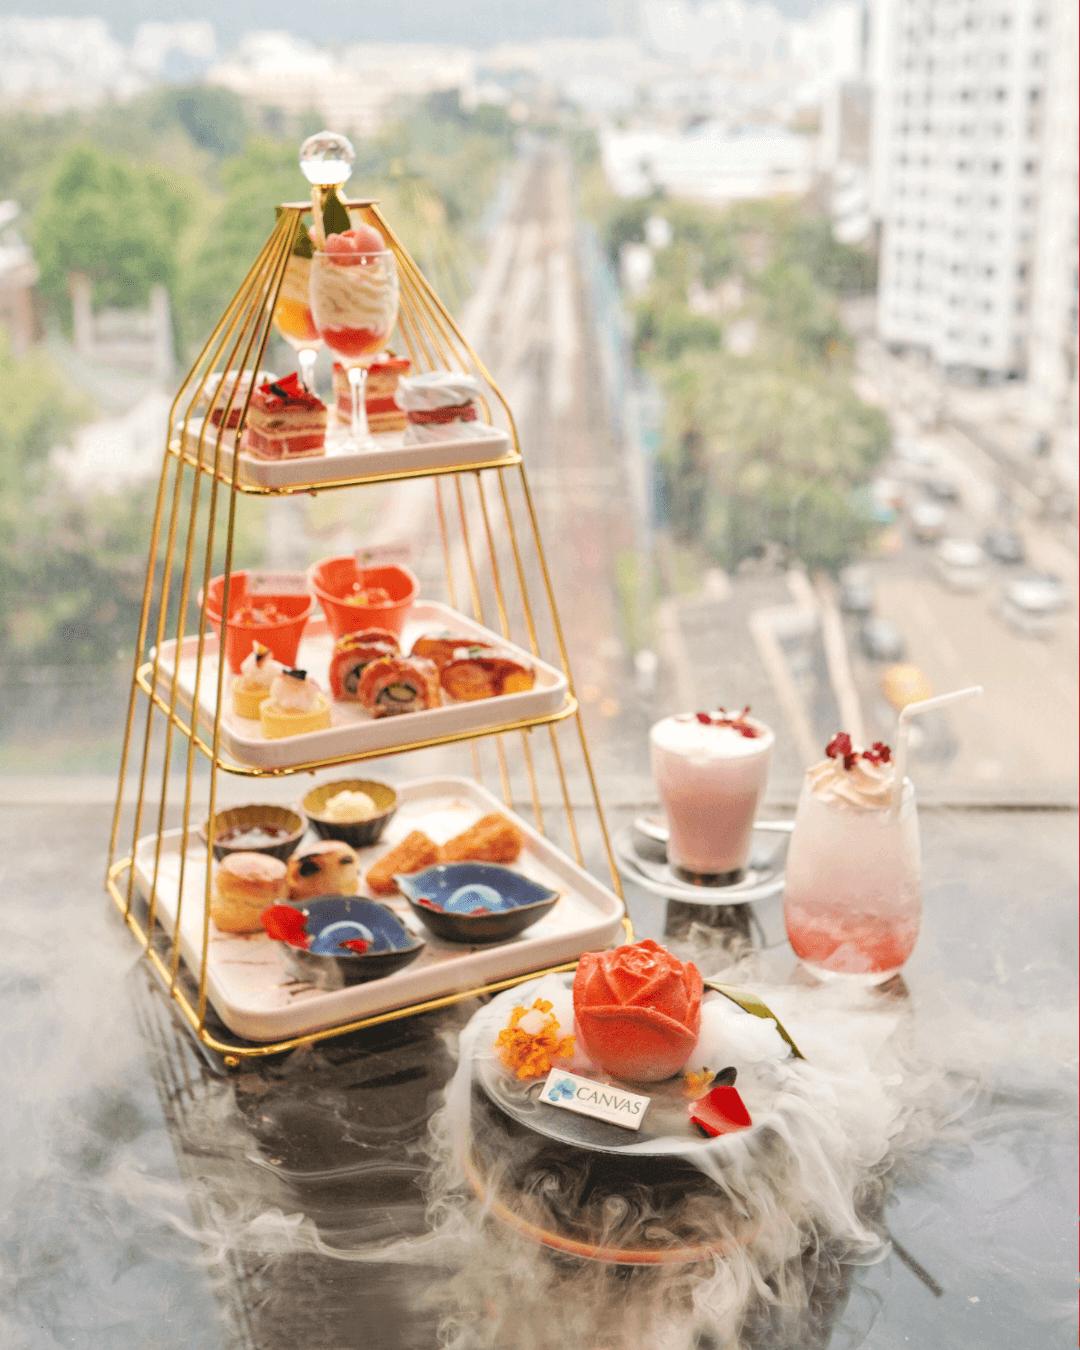 帝京酒店 Lion Rock 聯乘澳洲有機香薰護膚品牌CANVAS嘅「瑰麗仙境下午茶」。